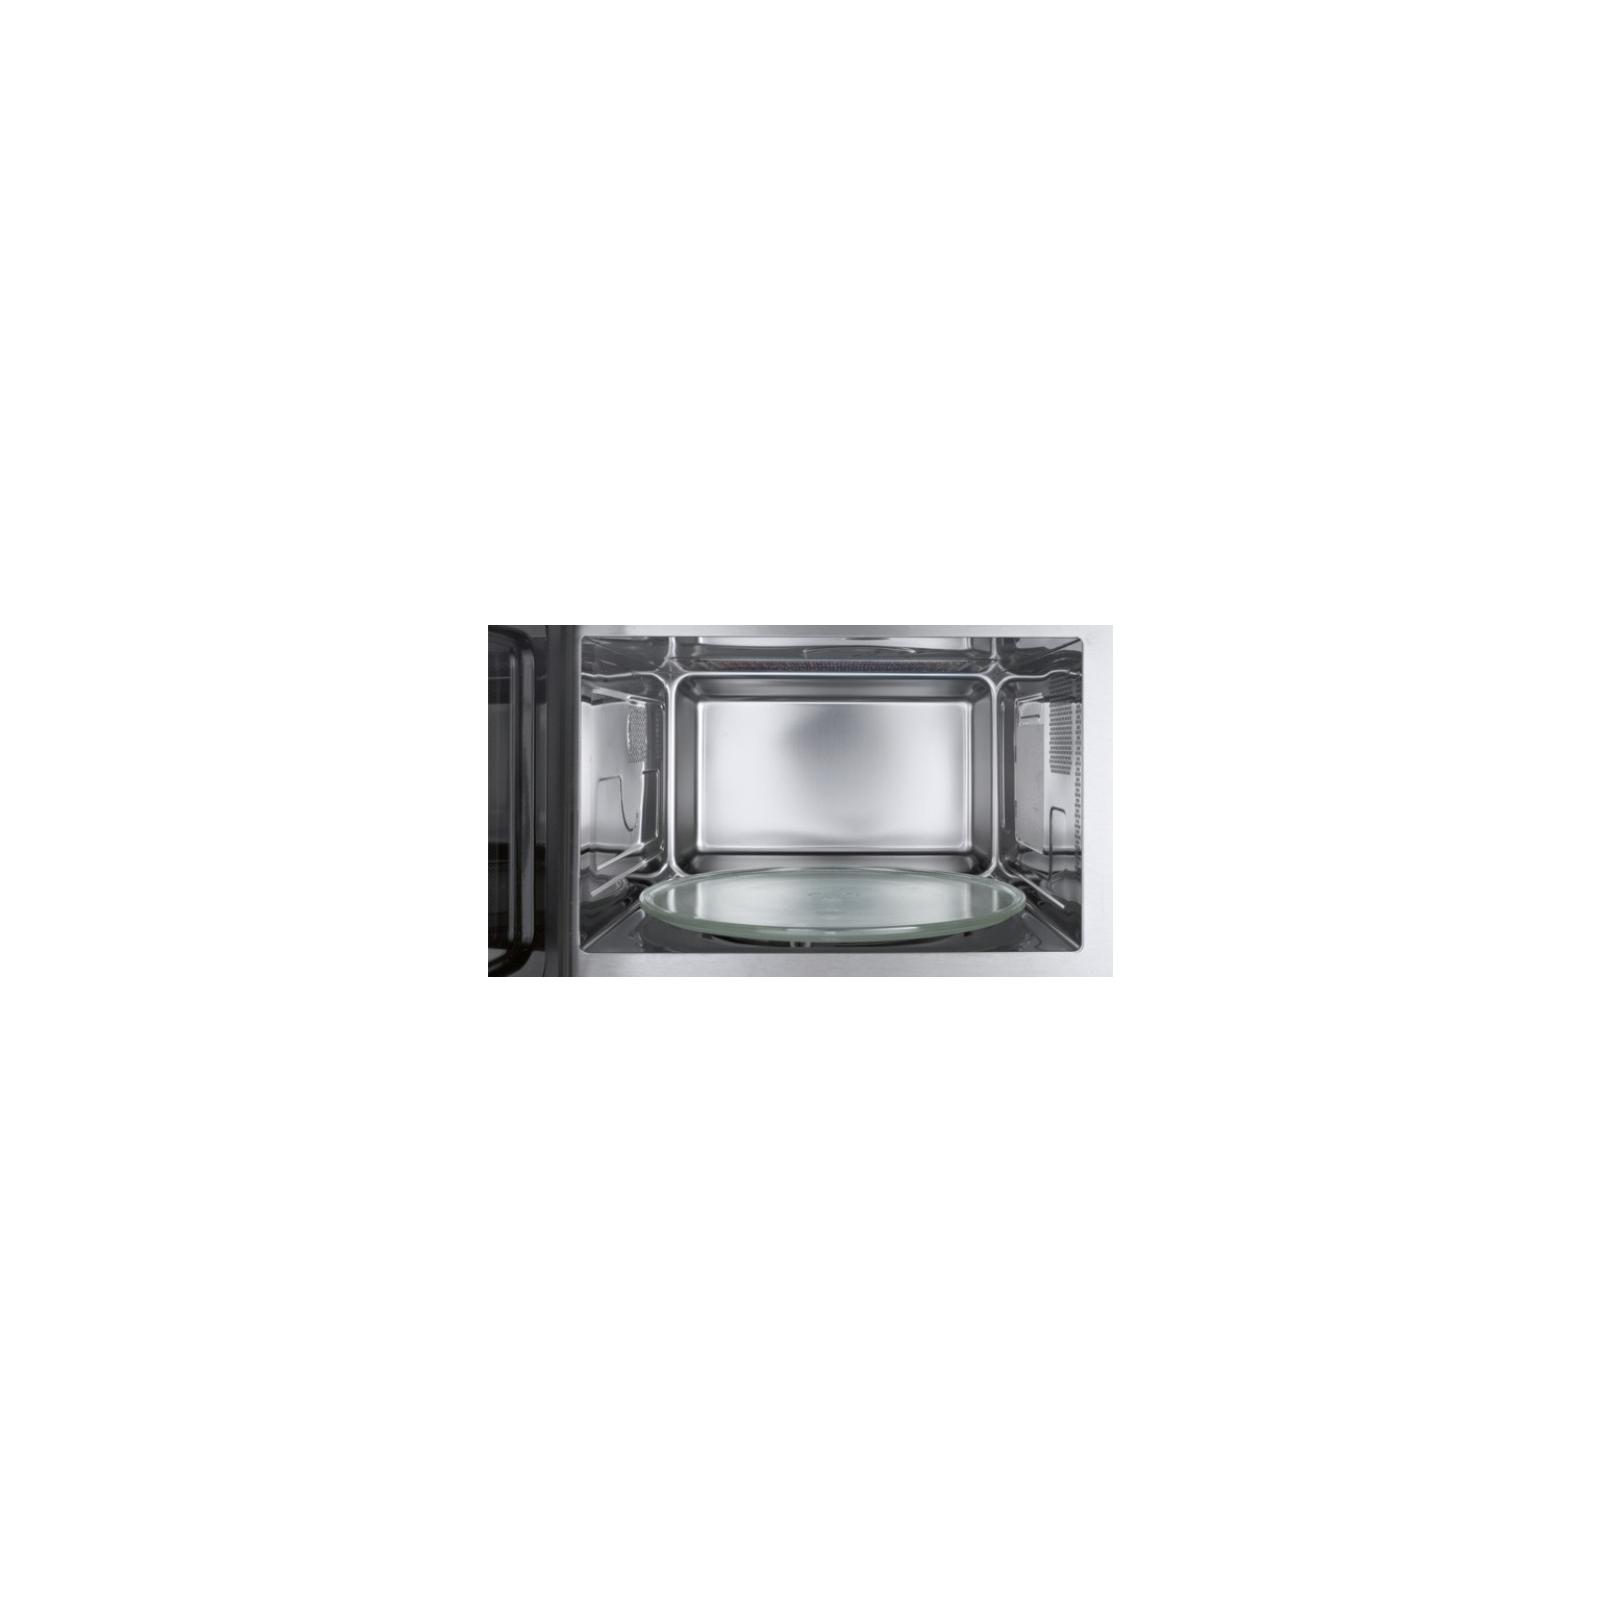 Микроволновая печь BOSCH HMT84G451 изображение 2